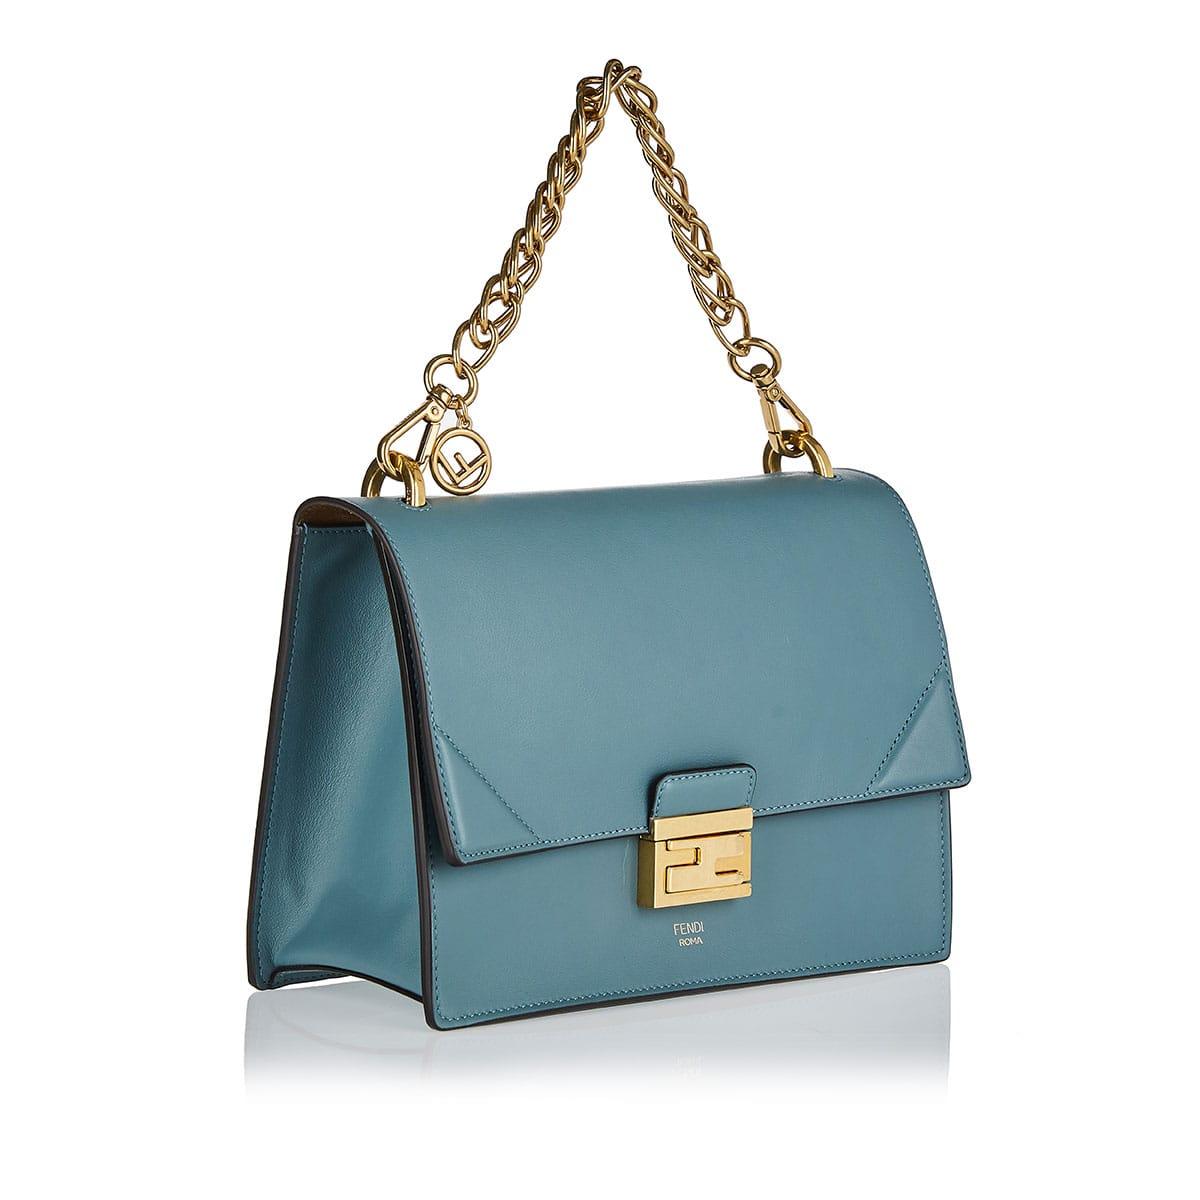 Kan U small leather bag